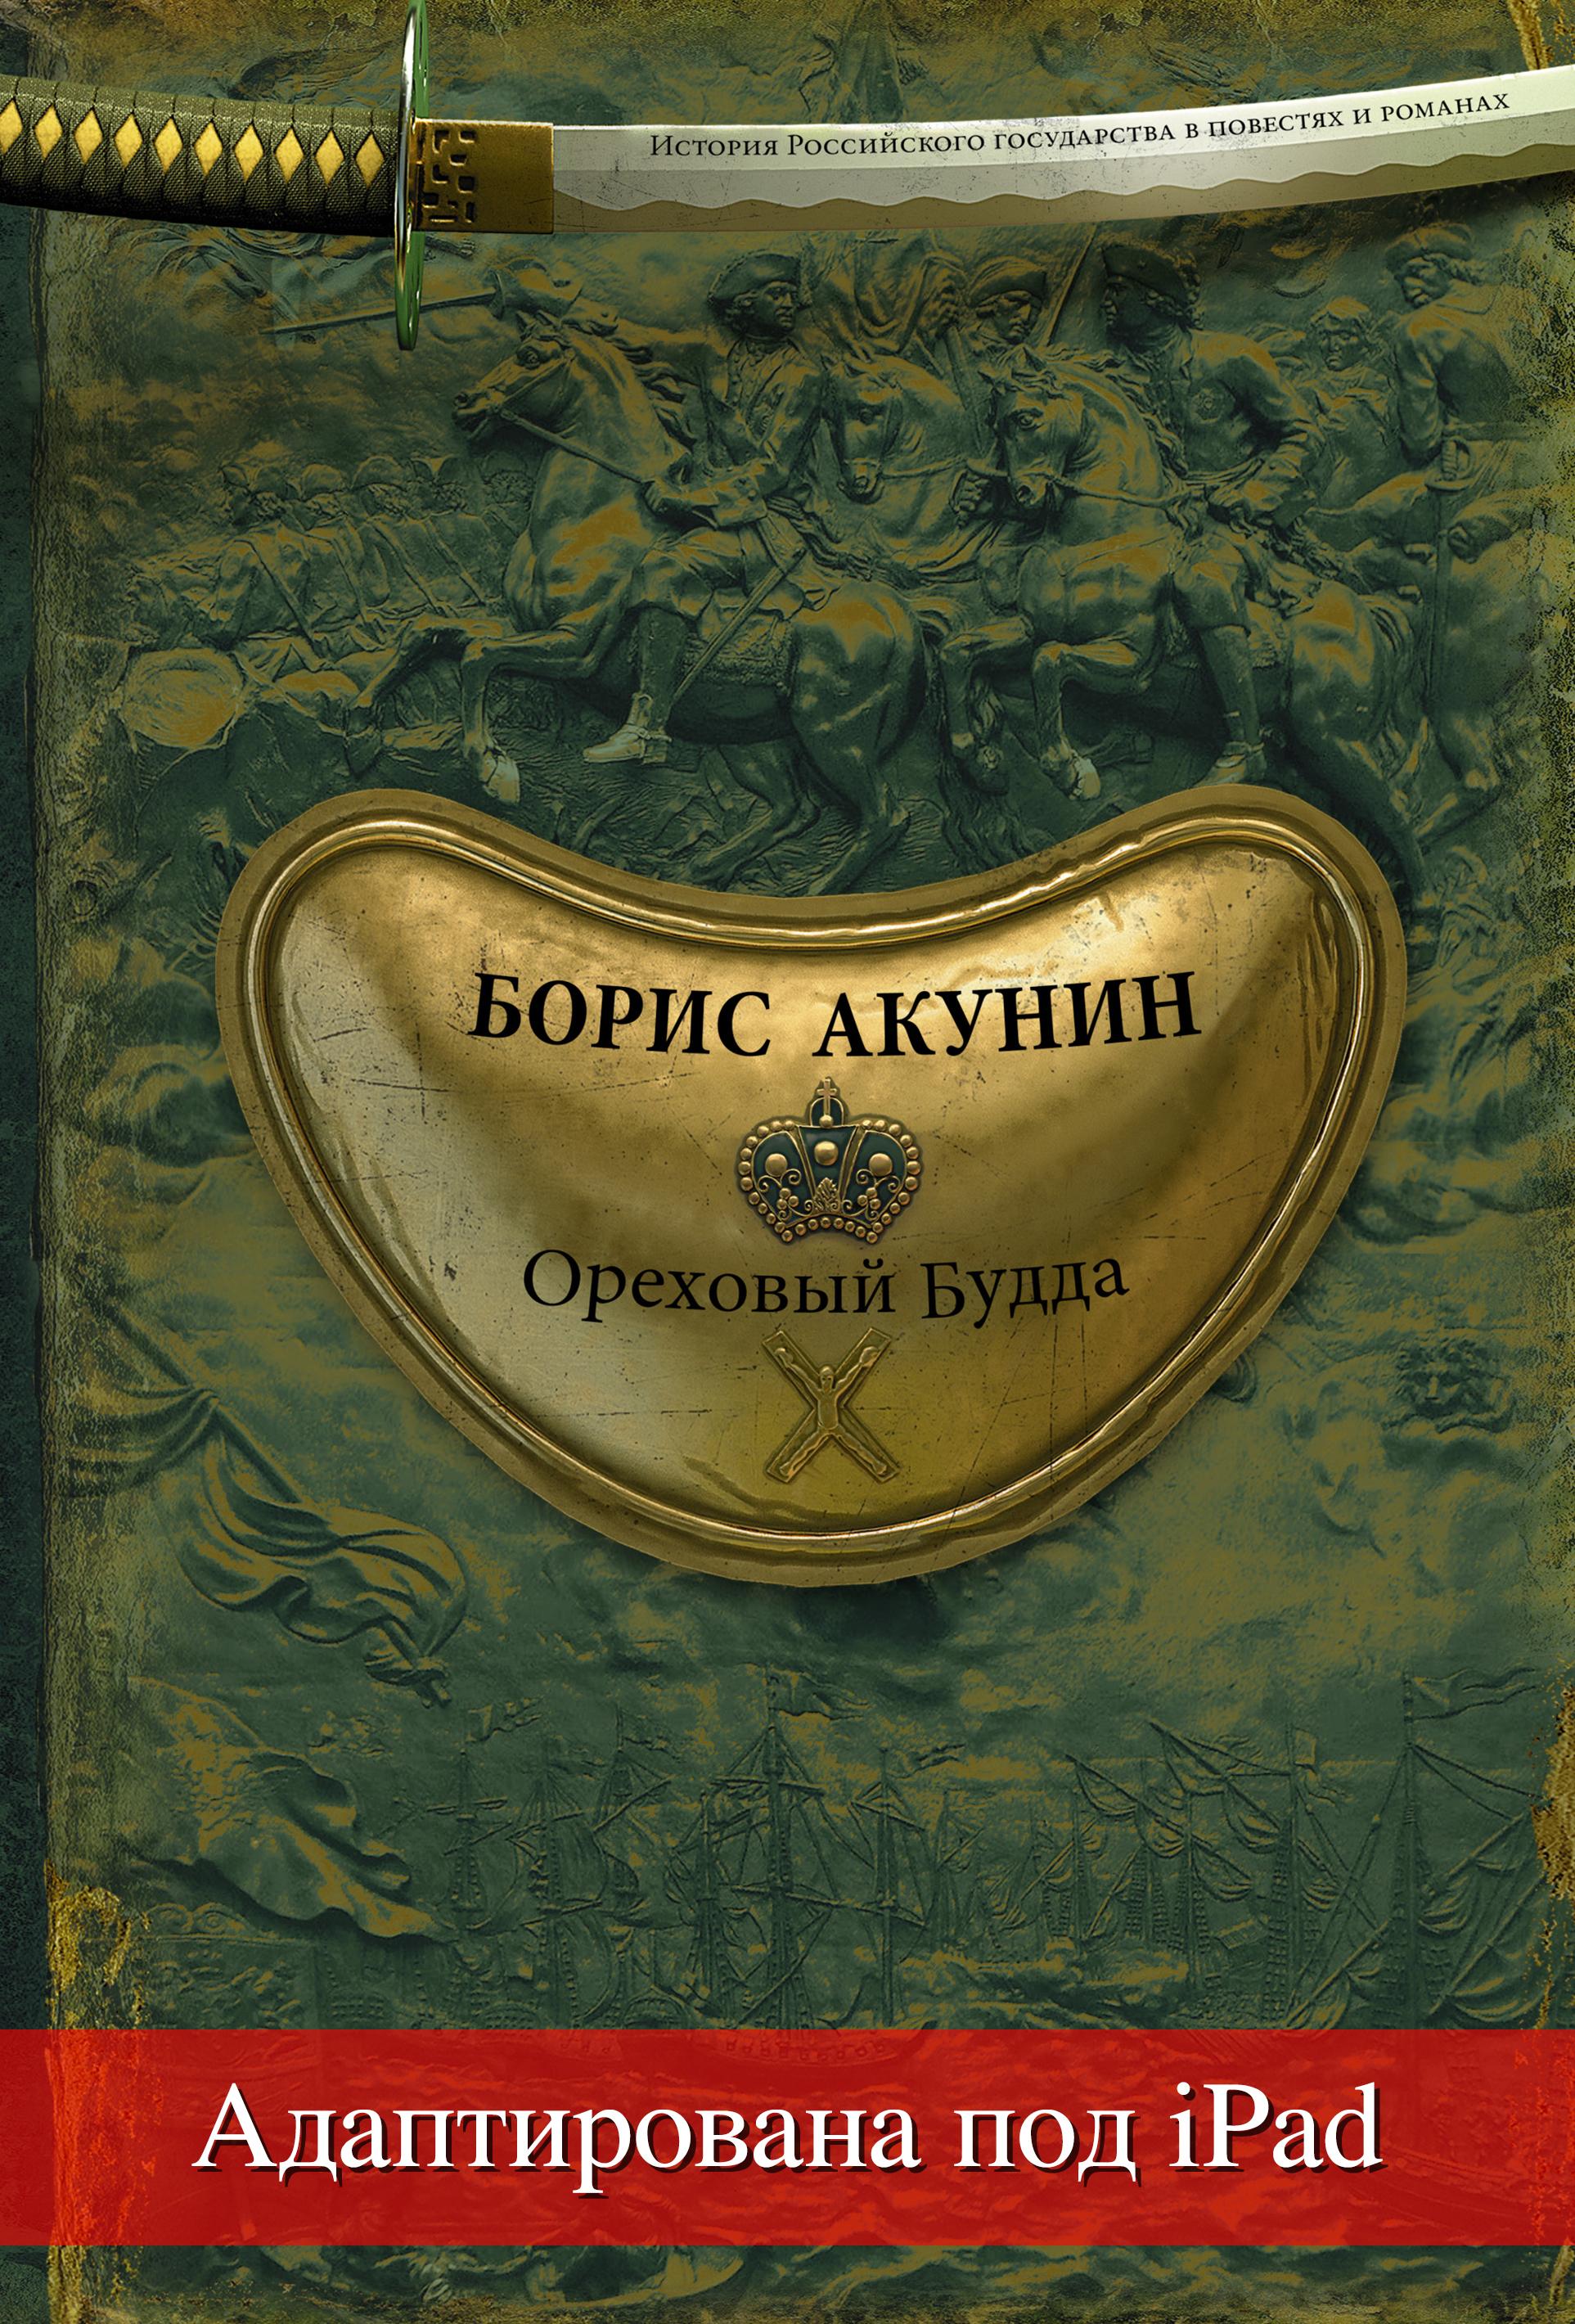 Борис Акунин Ореховый Будда (адаптирована под iPad)